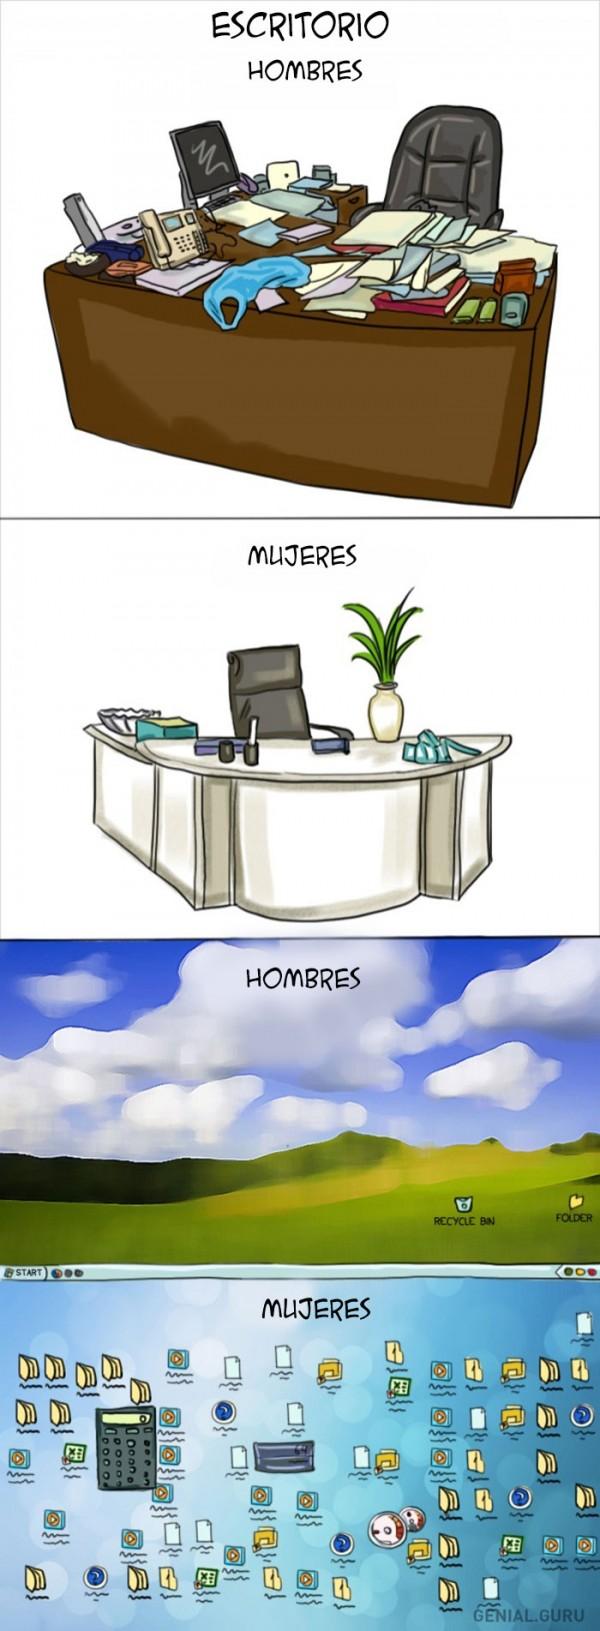 comic-diferencias-hombres-mujeres-1